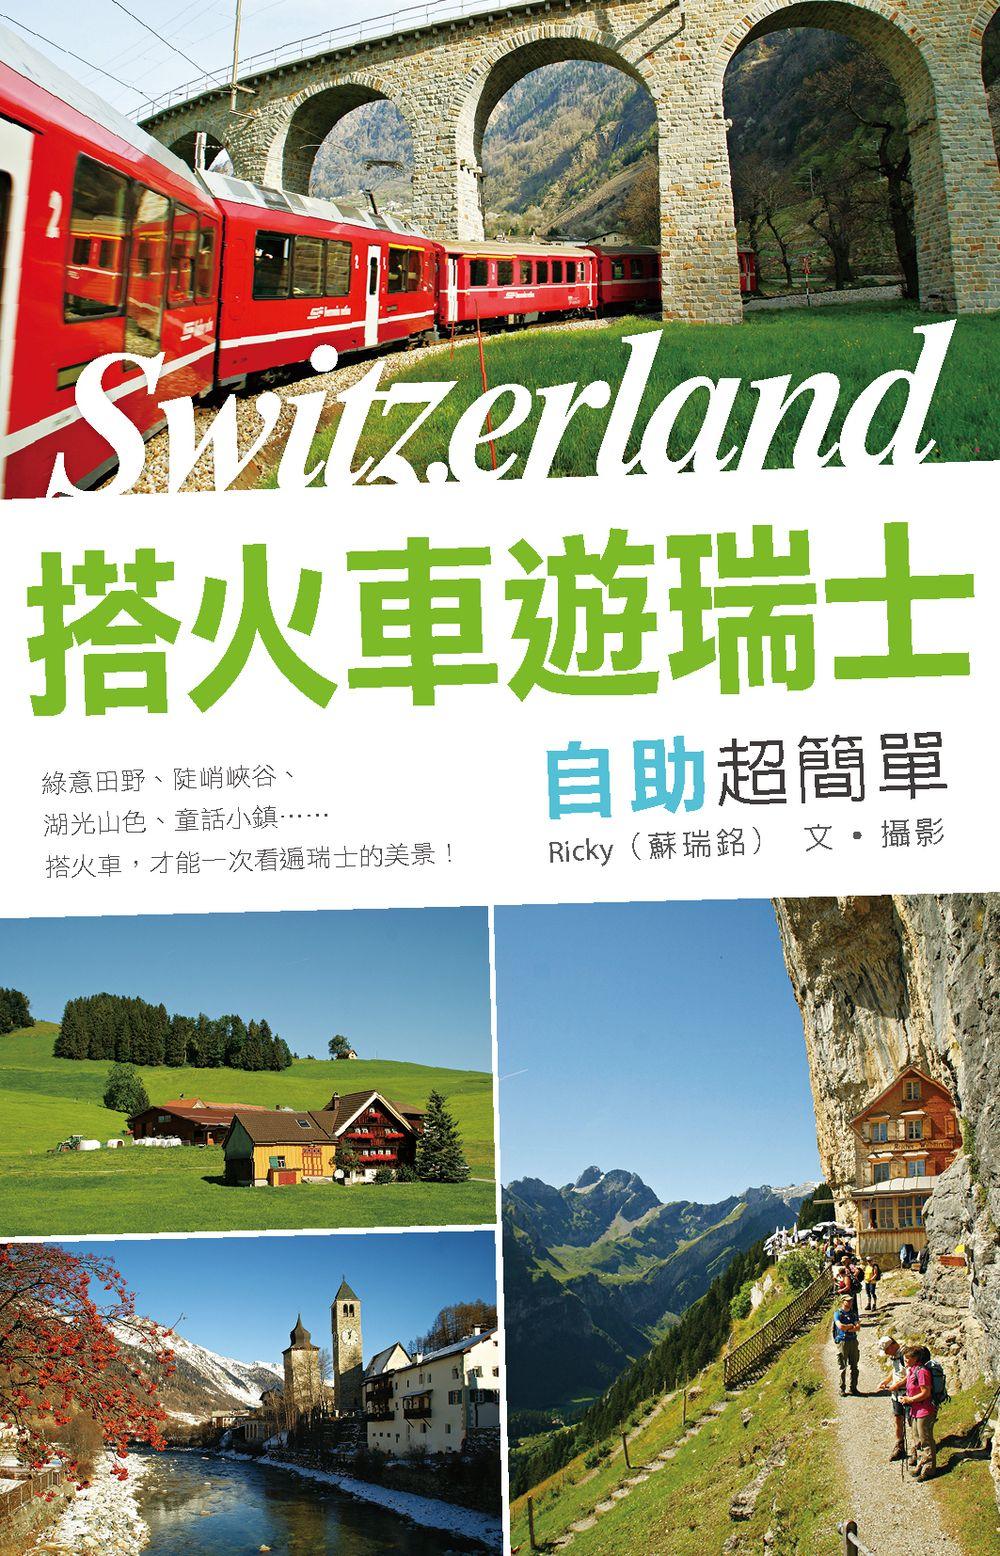 搭火車遊瑞士自助超簡單,2015年2月1日發行